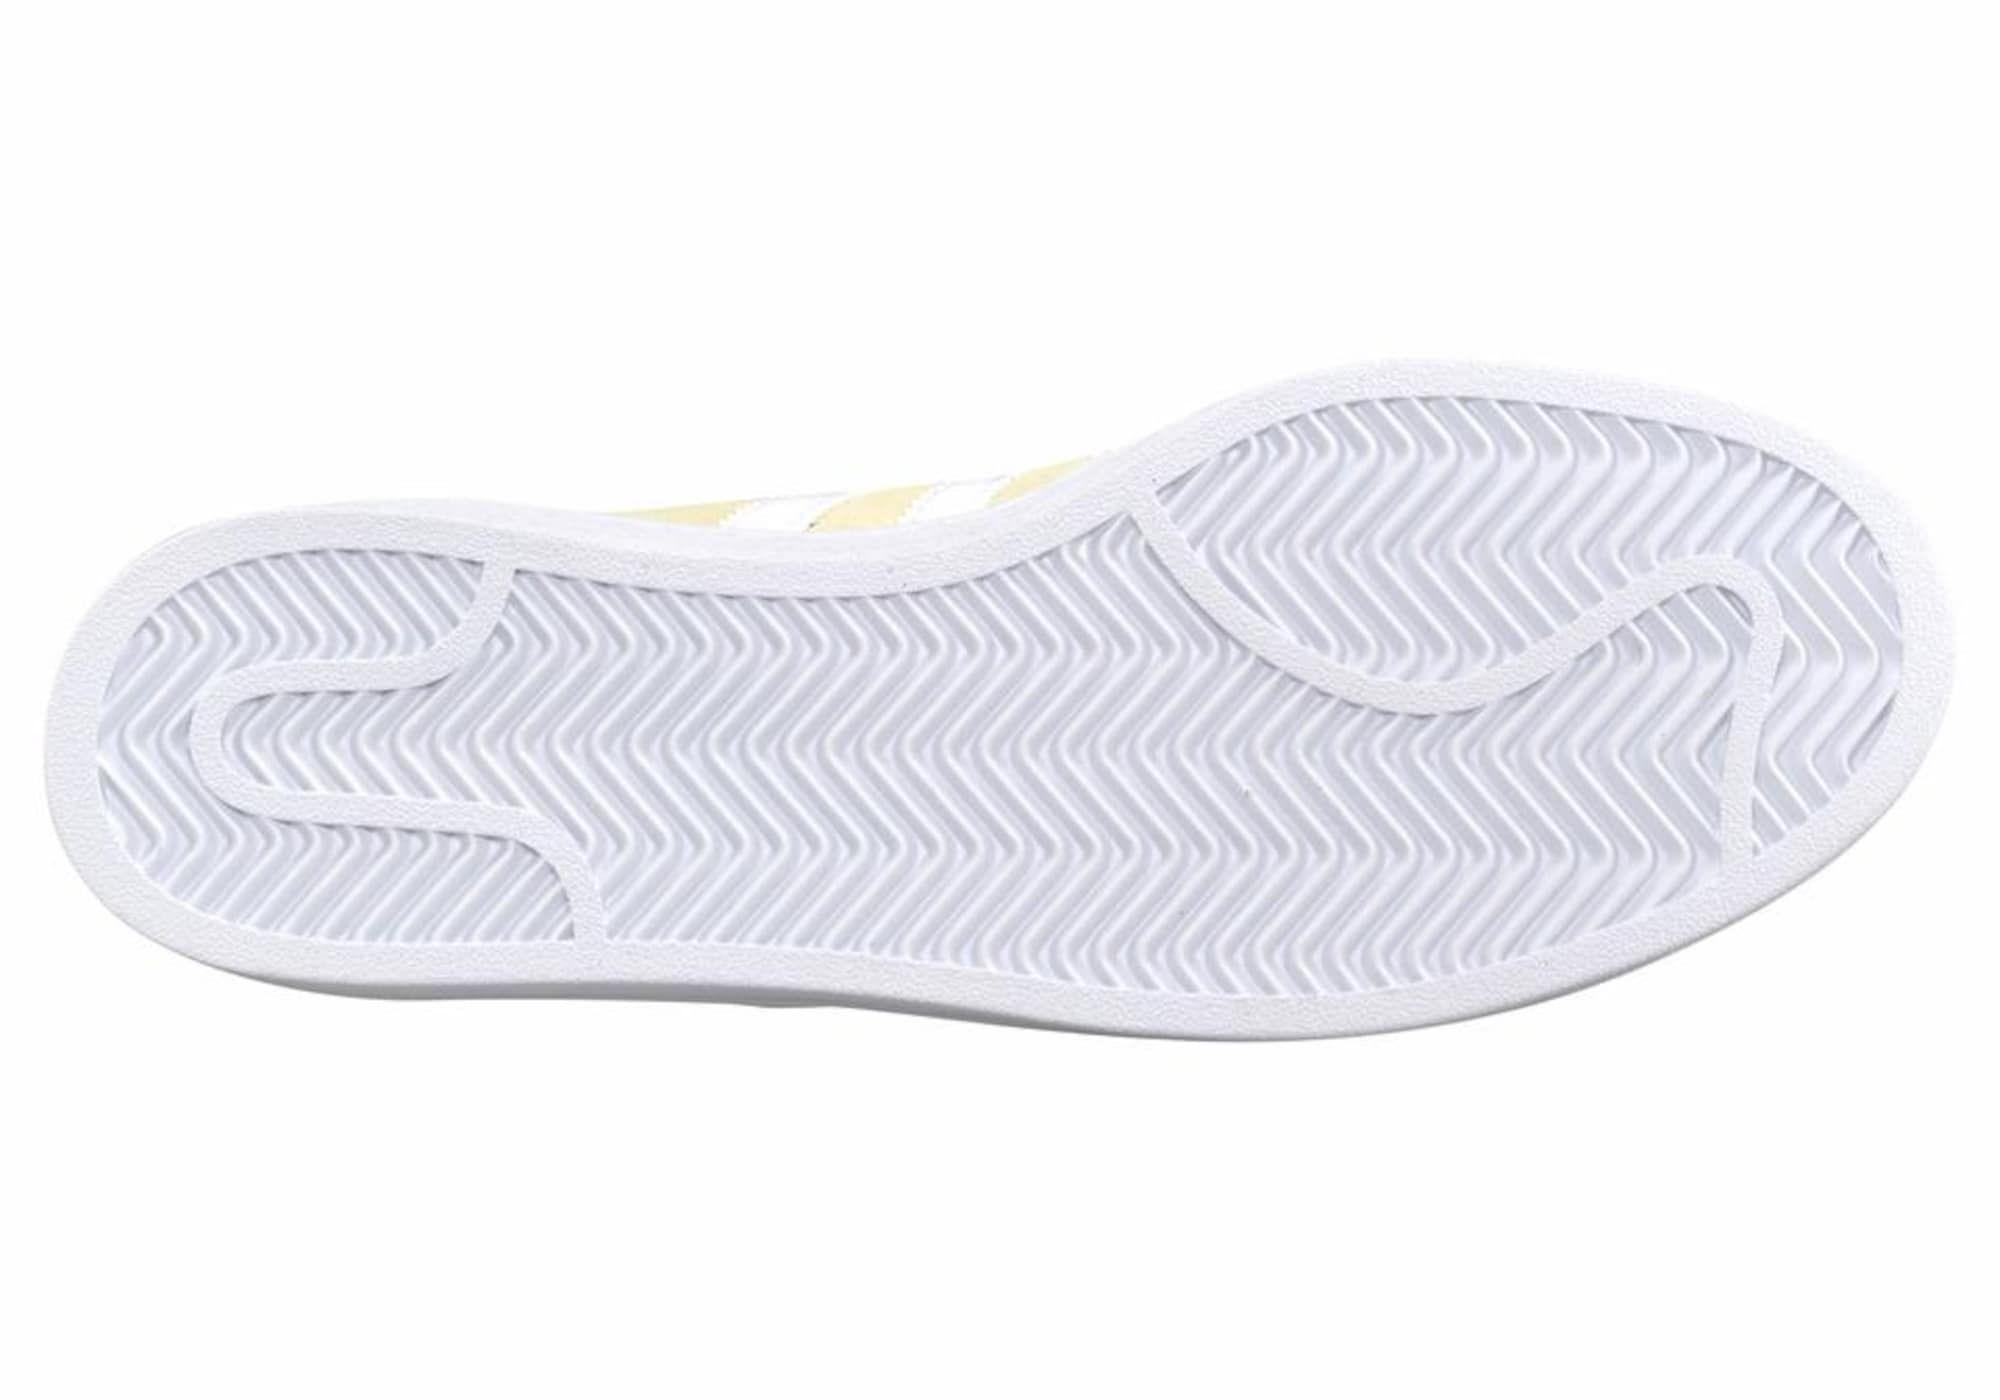 ADIDAS ORIGINALS Sneaker 'Campus' Damen, Hellgelb / Weiß ...